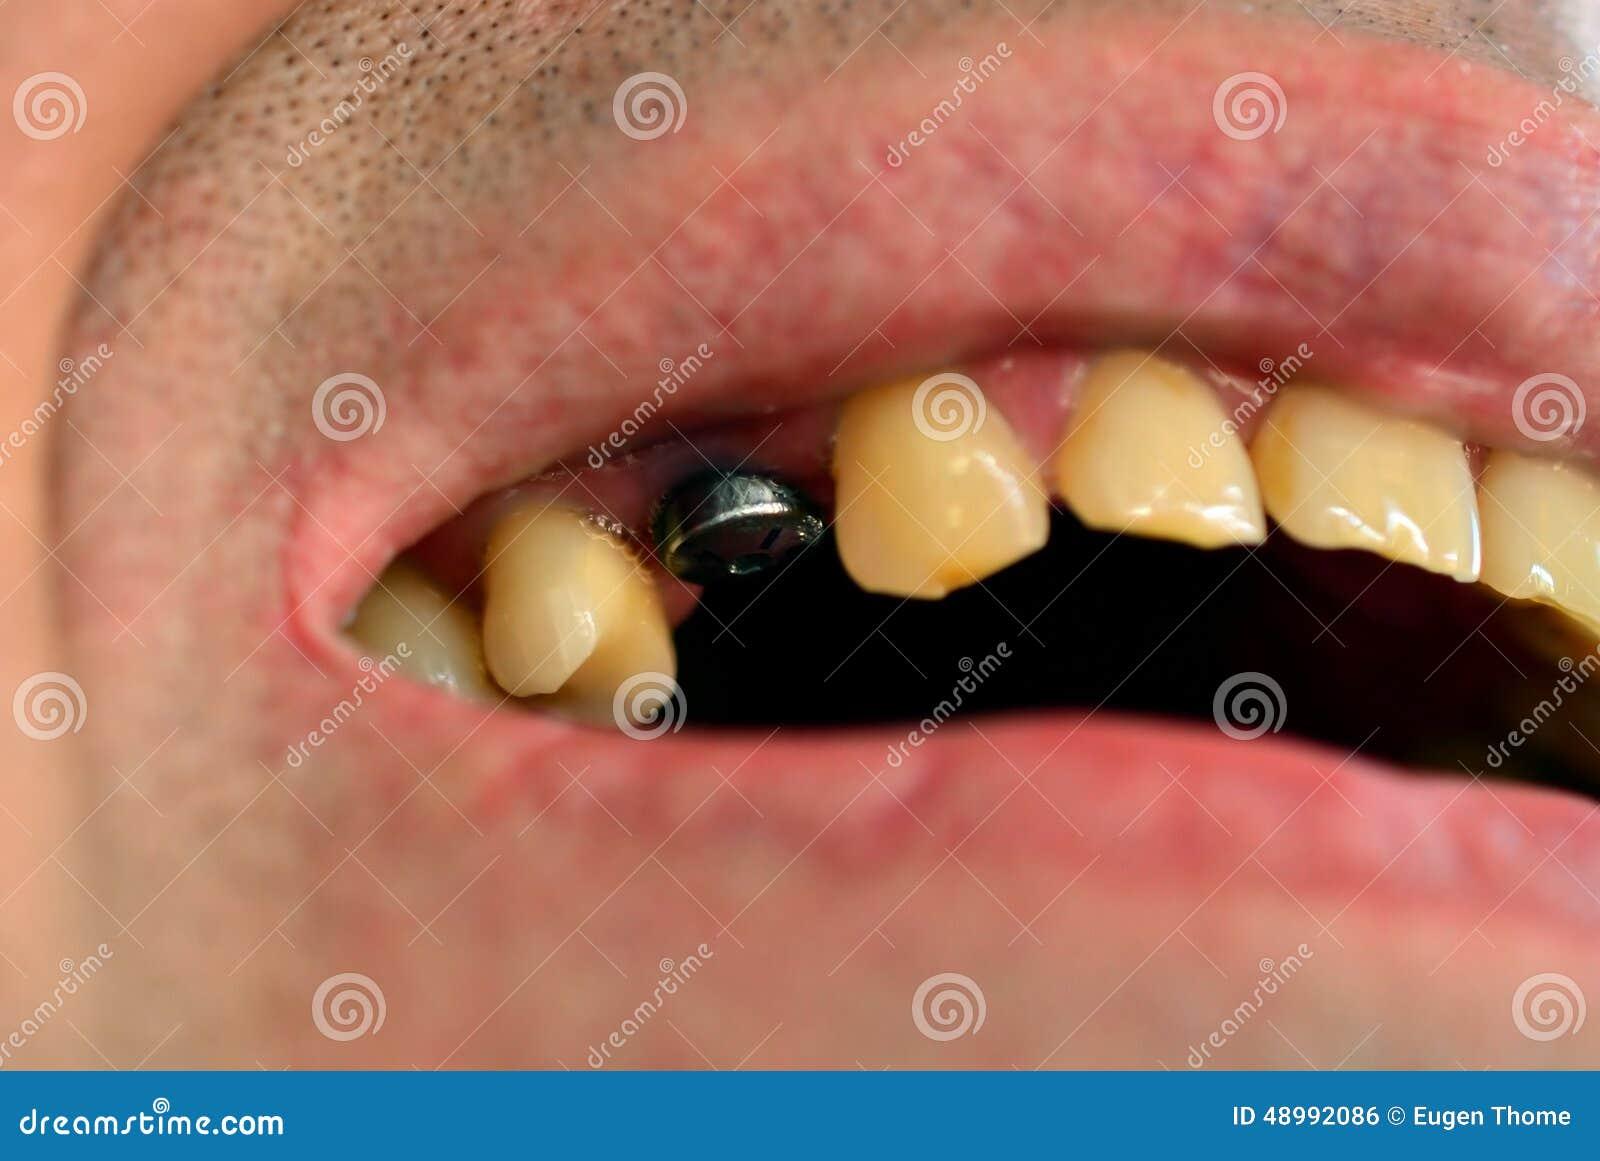 οδοντικό λευκό όψης στοιχείων απομονωμένο μόσχευμα